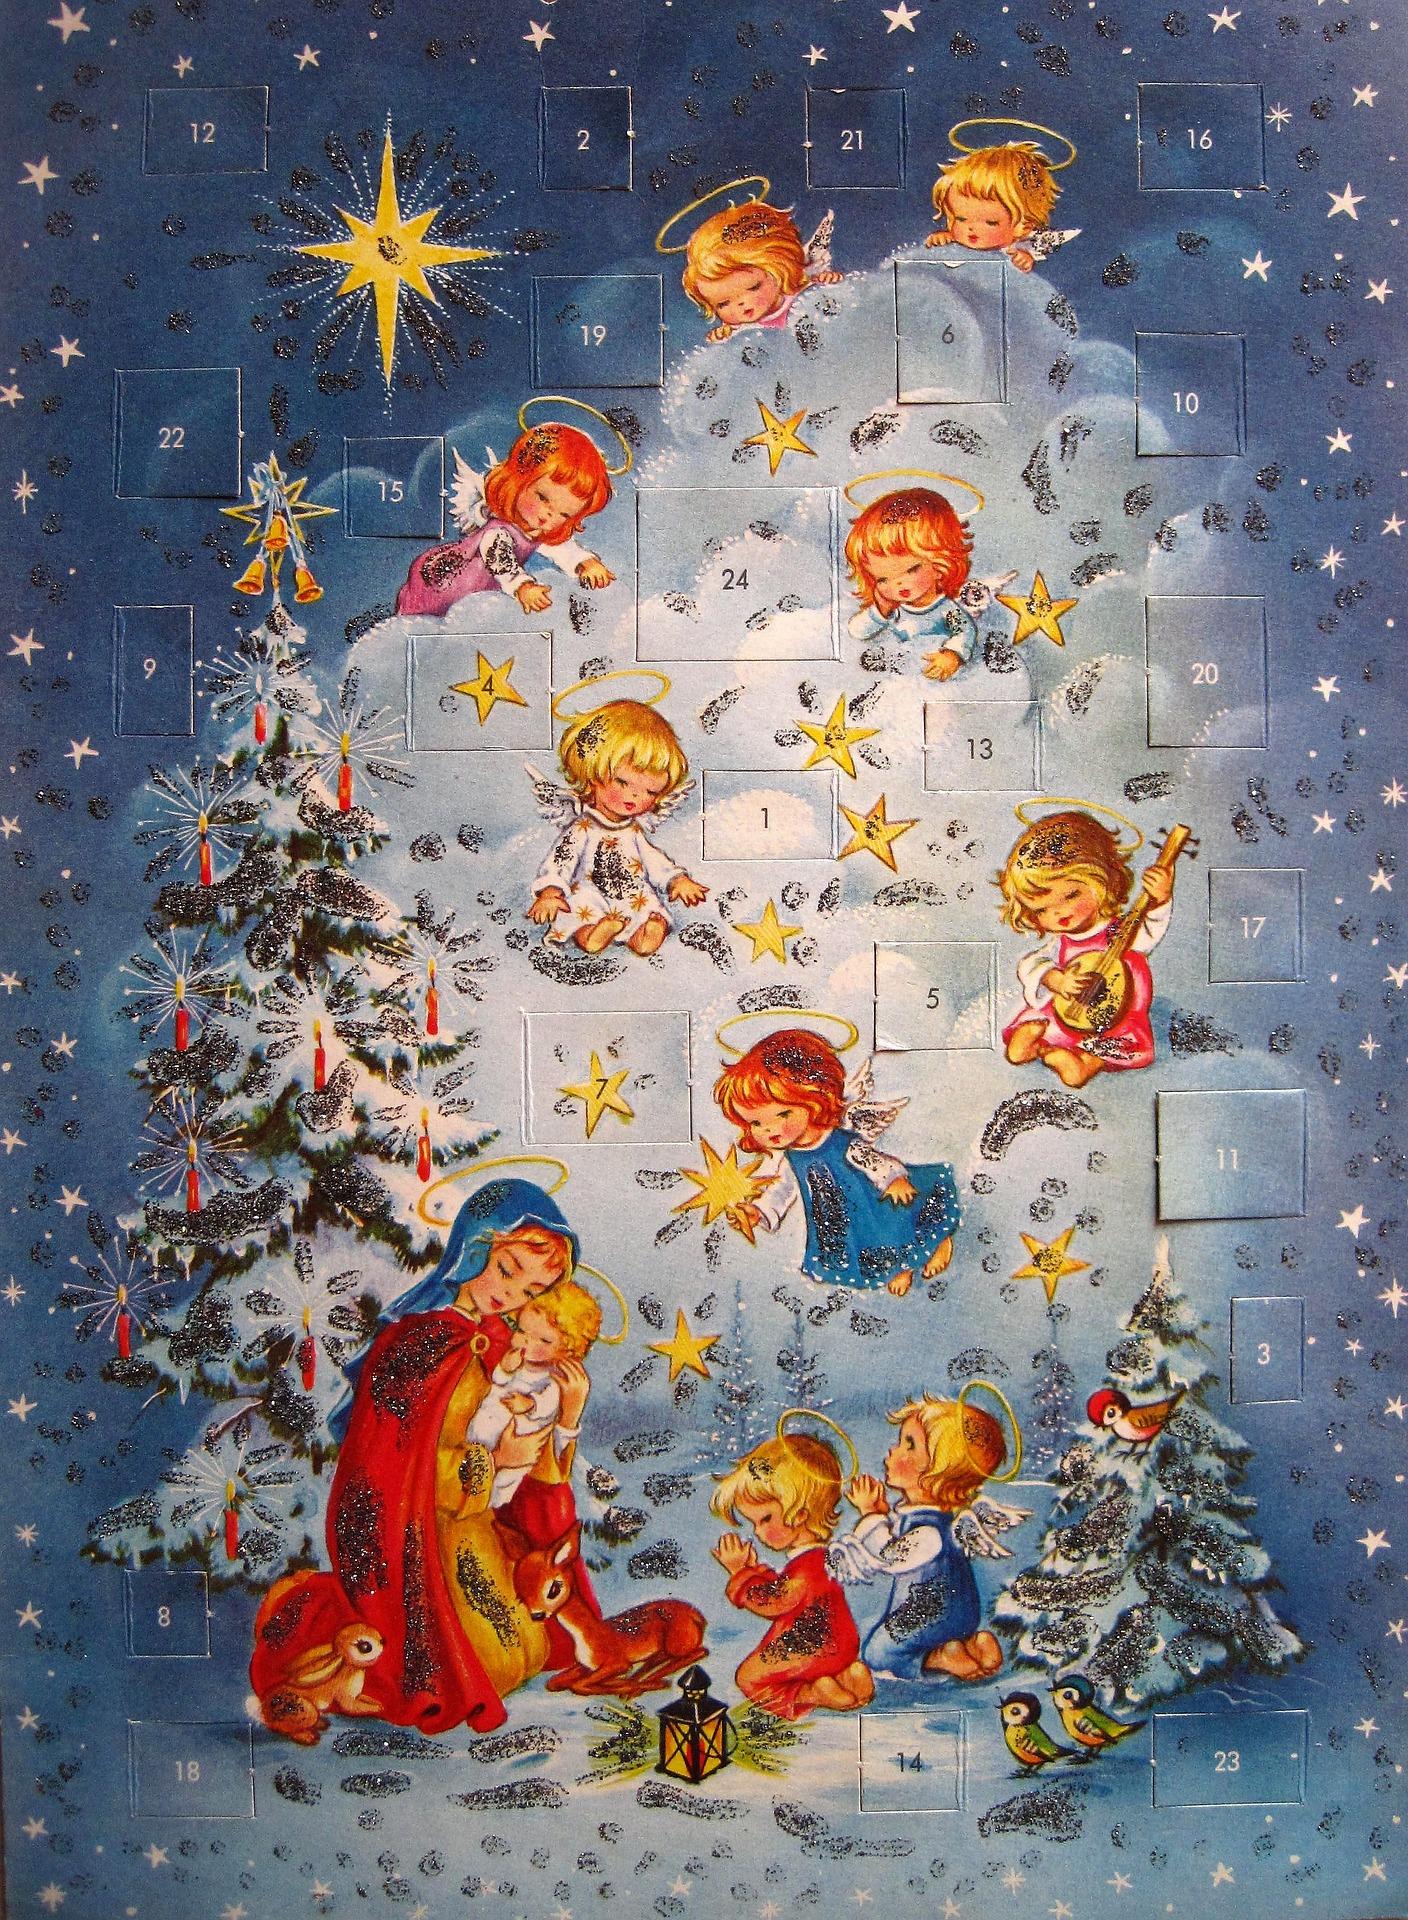 Joulukalenteri. Pixabay.